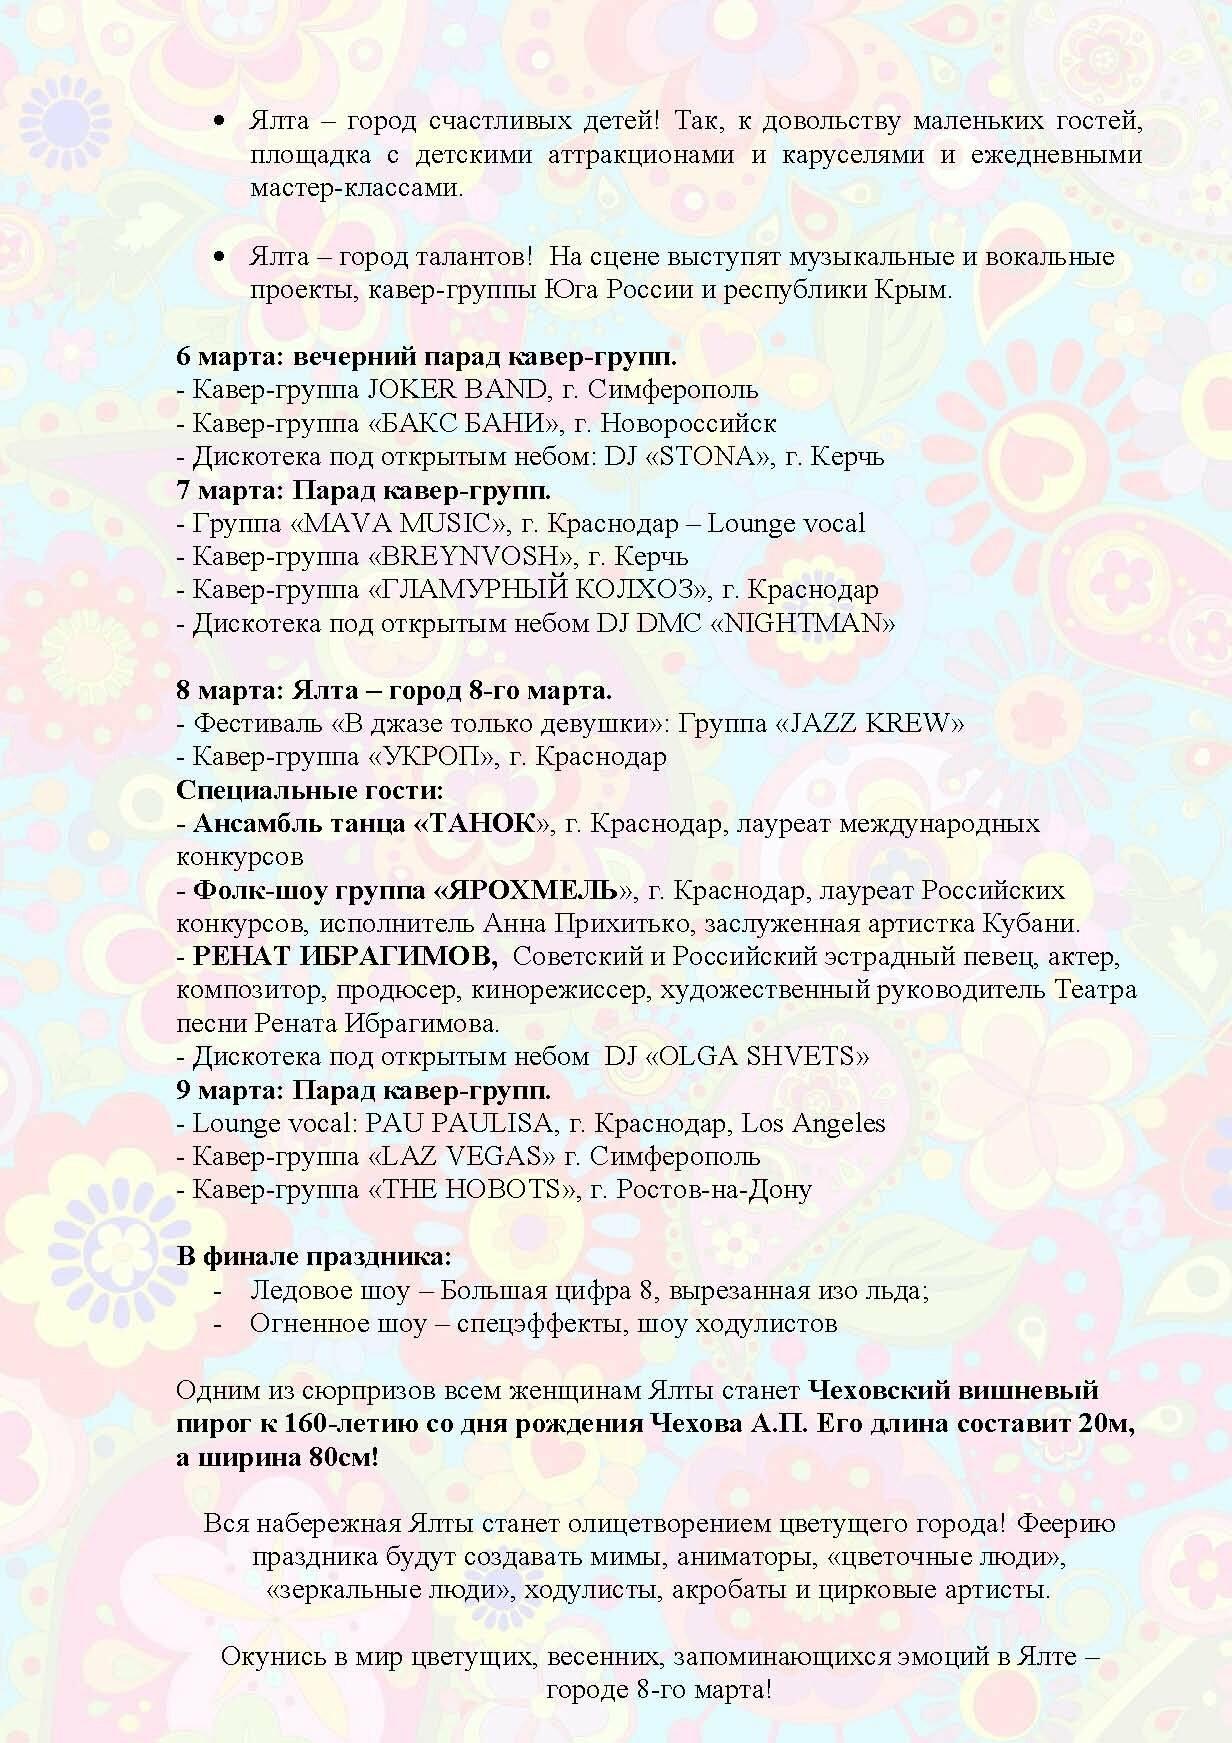 Ялта - город 8 марта: вся программа четырехдневного праздника, фото-2